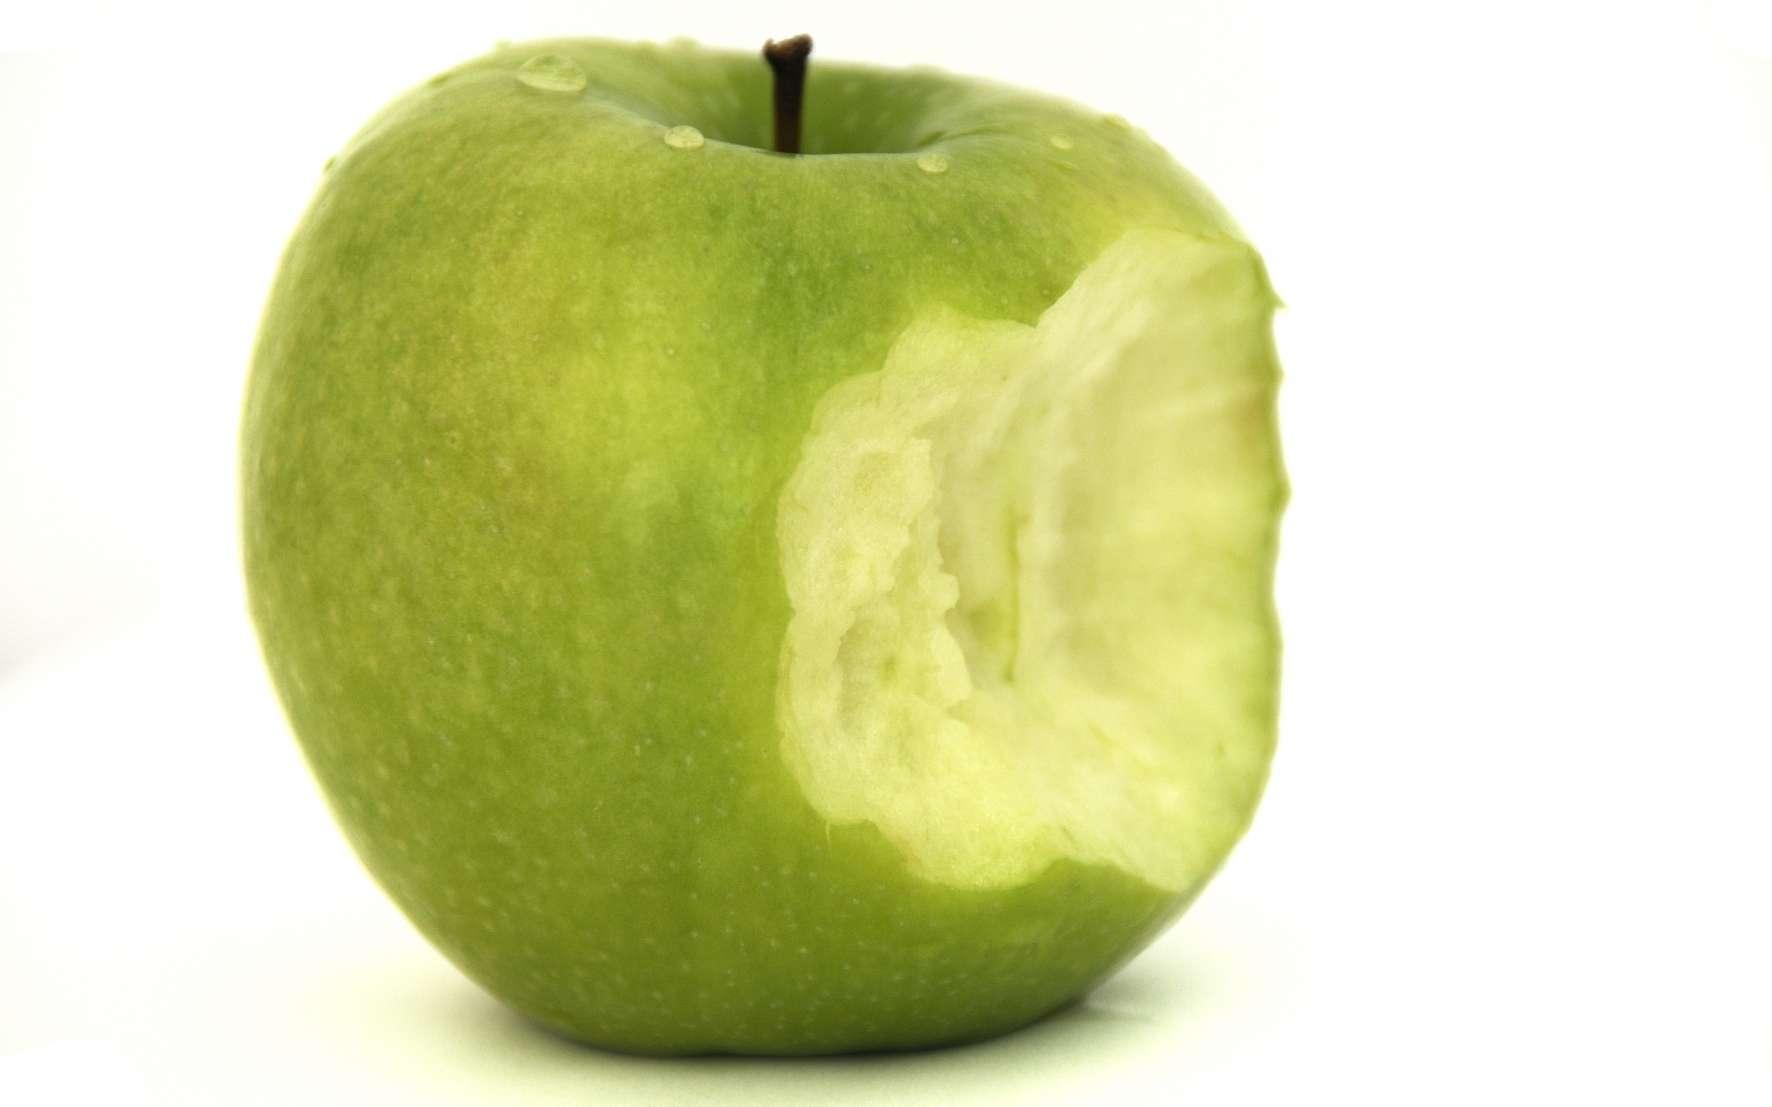 Pomme verte à croquer. © Niffylux